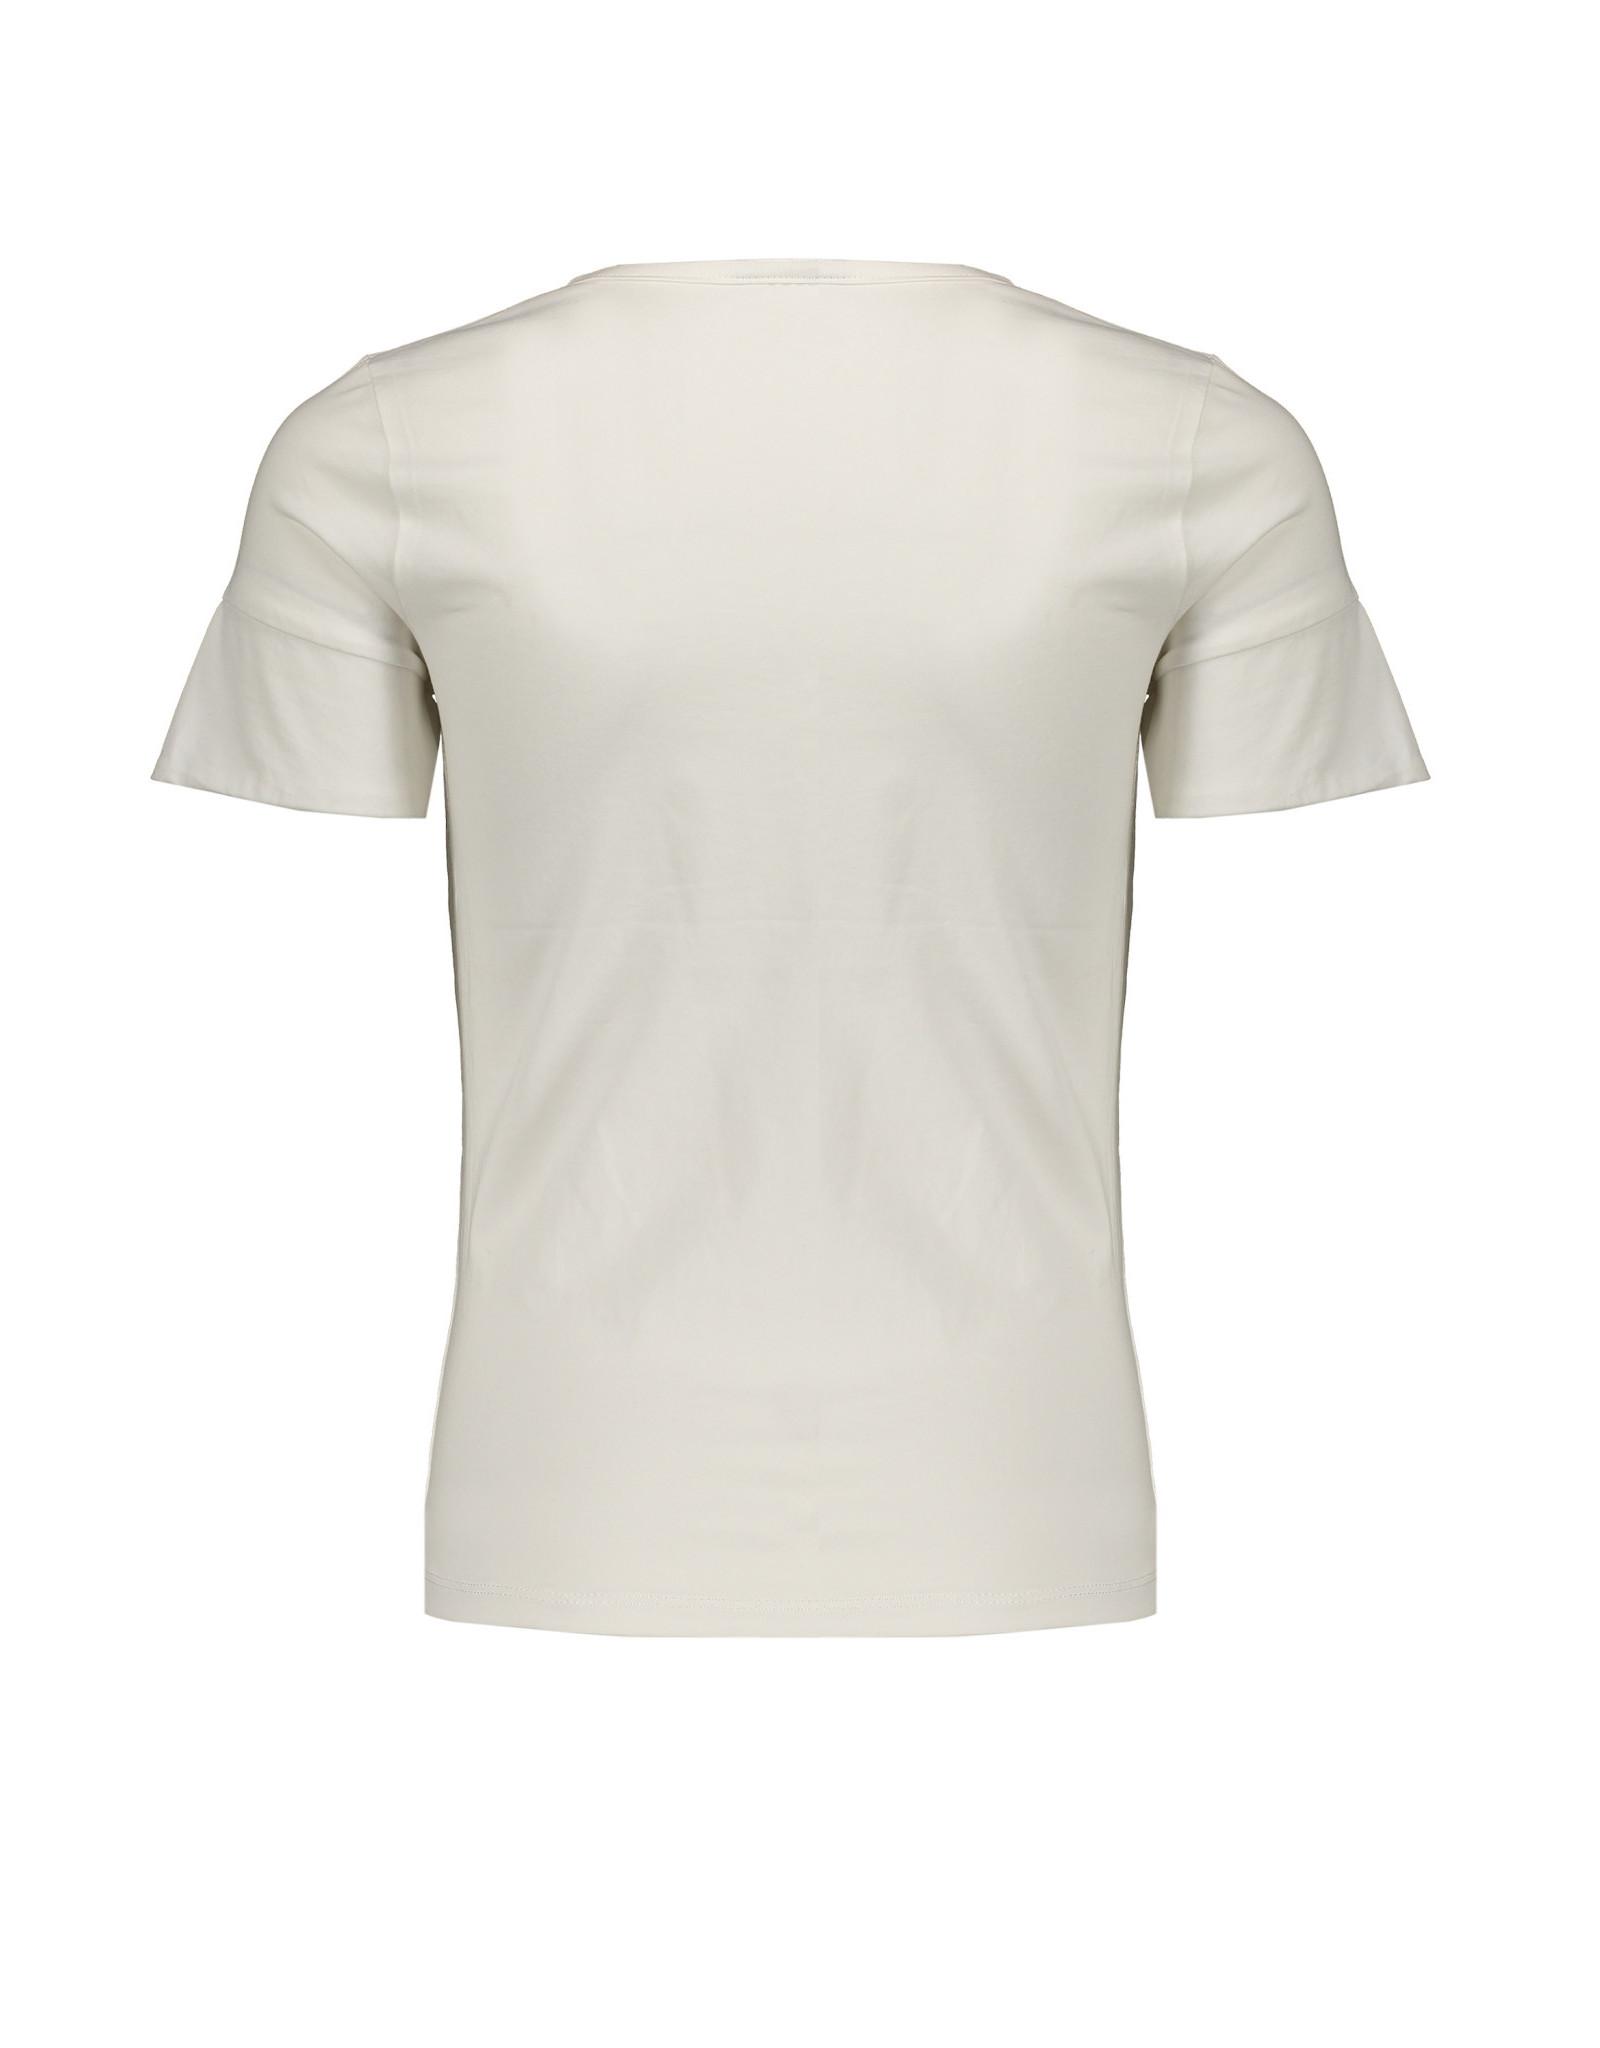 NoBell meiden t-shirt Kulia Off White S21